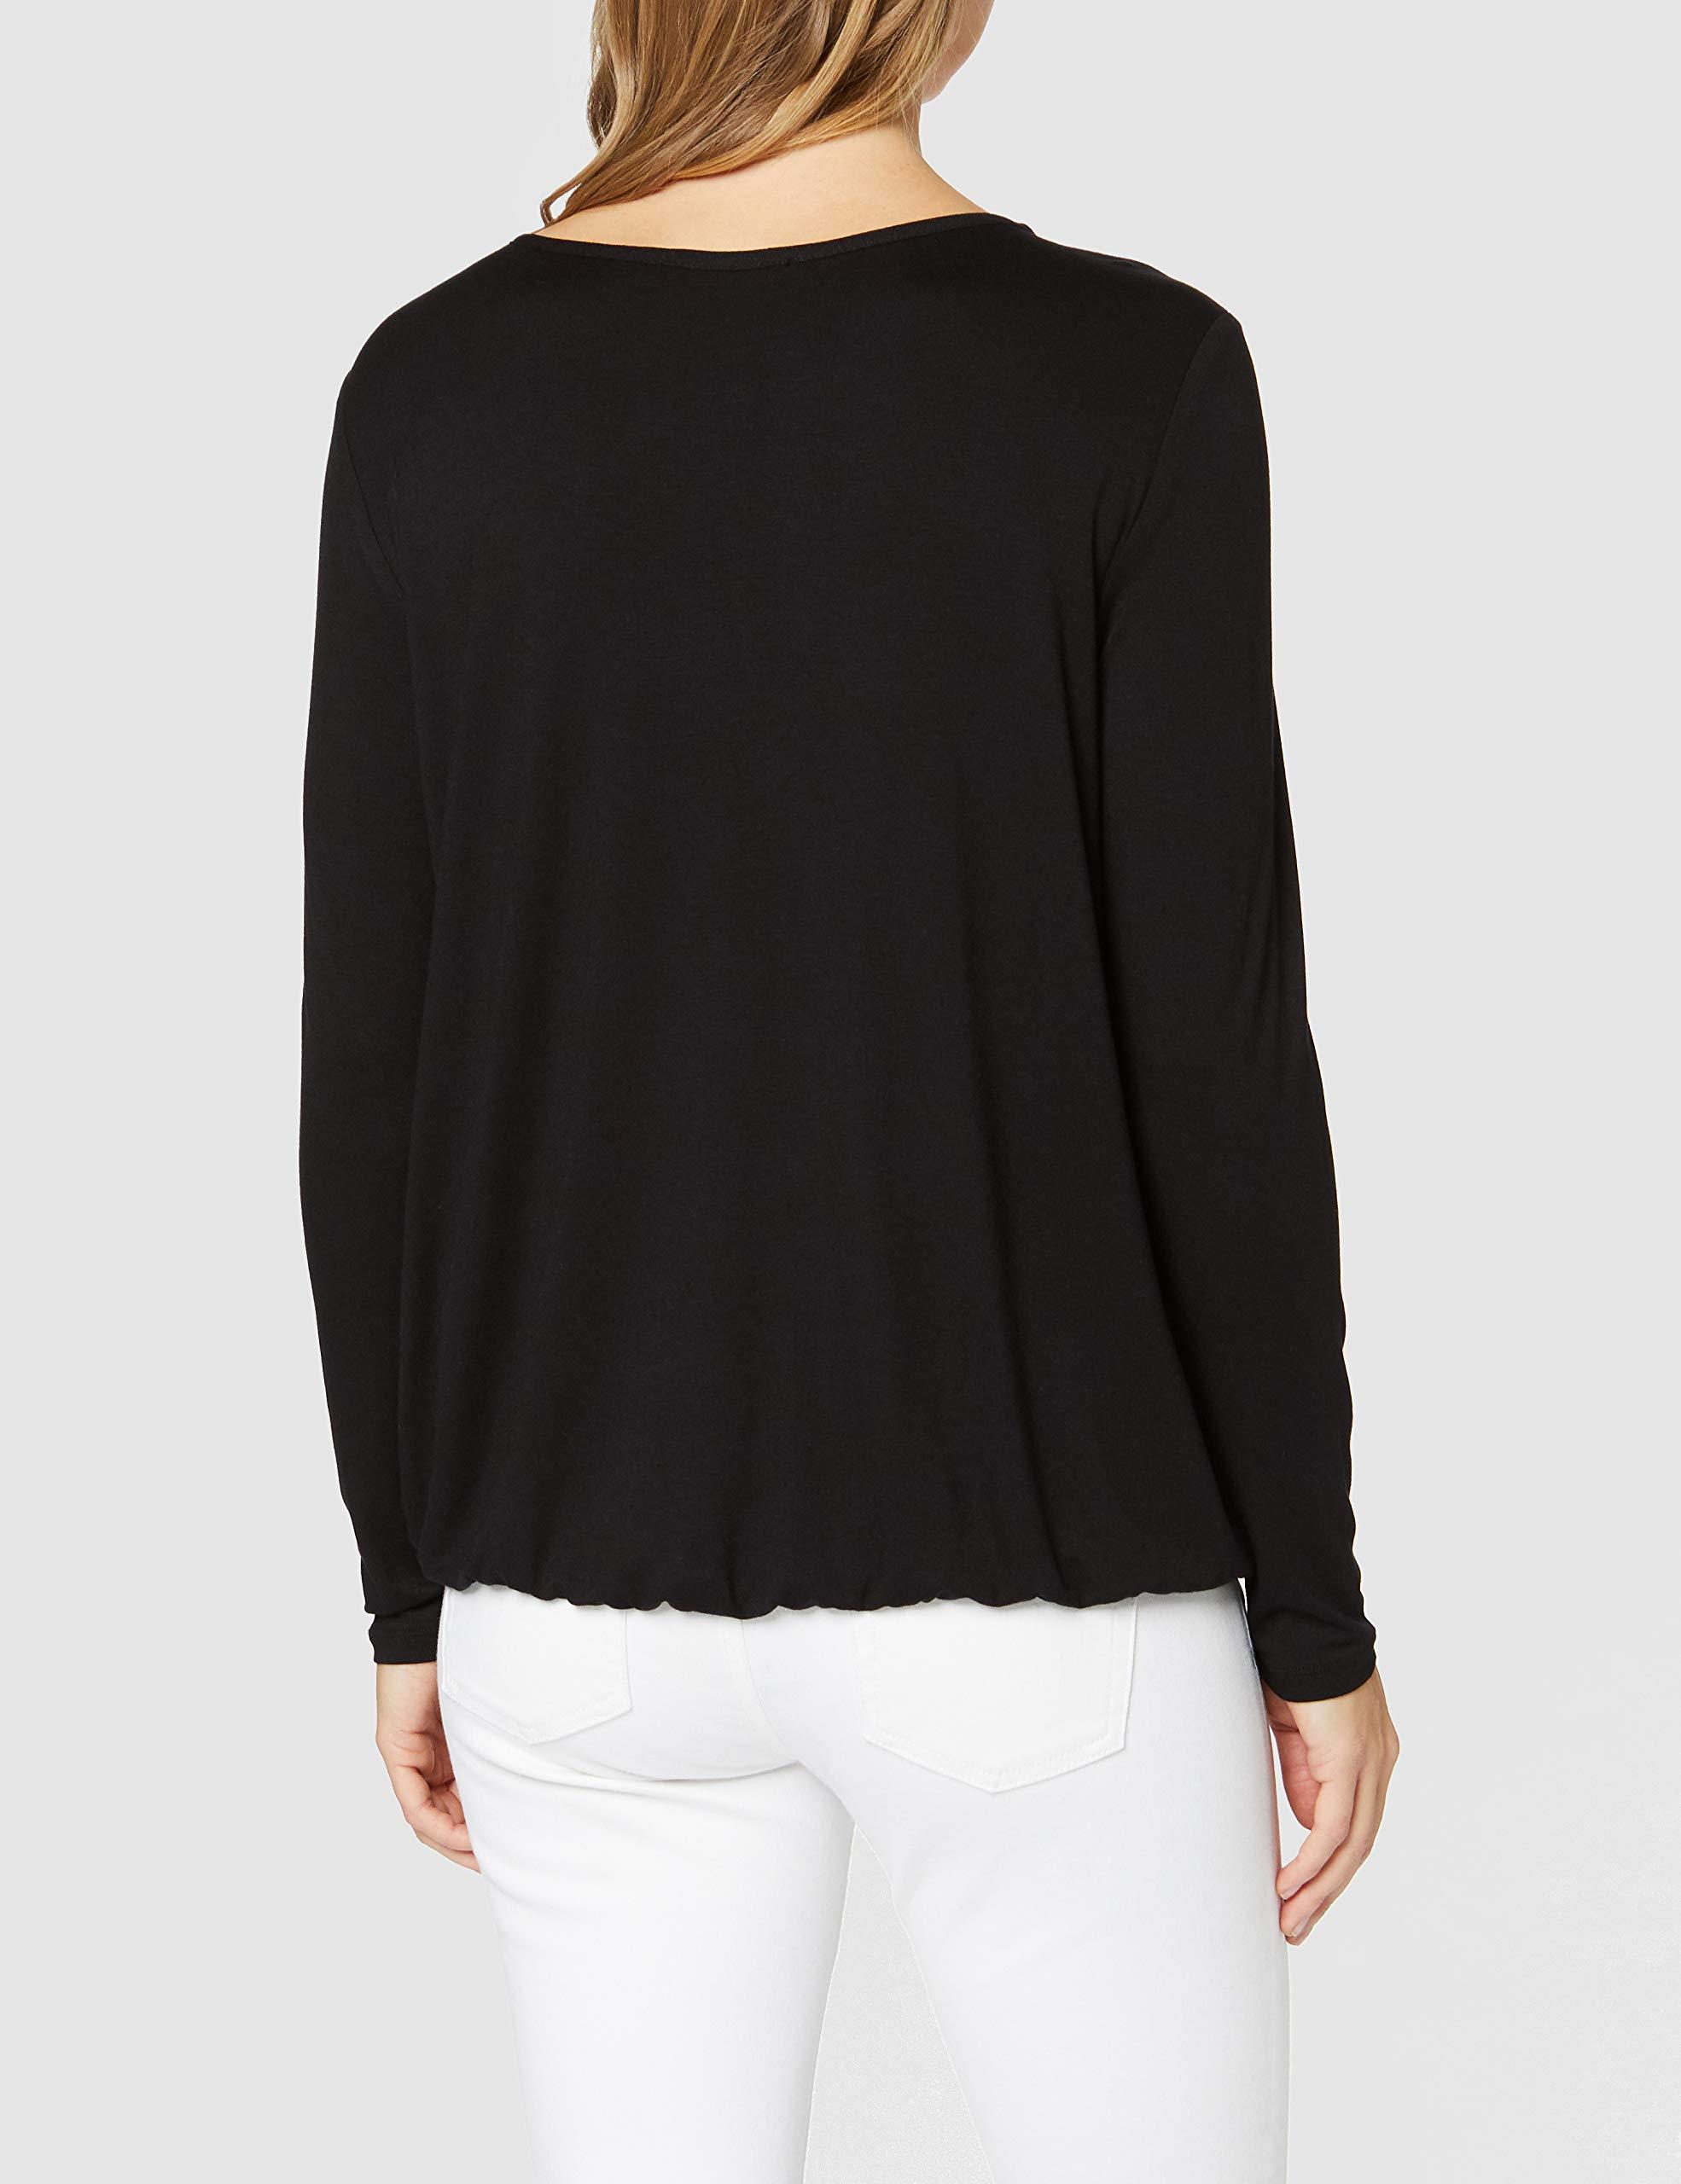 Betty Barclay Rundhals T-Shirt in schwarz günstig kaufen